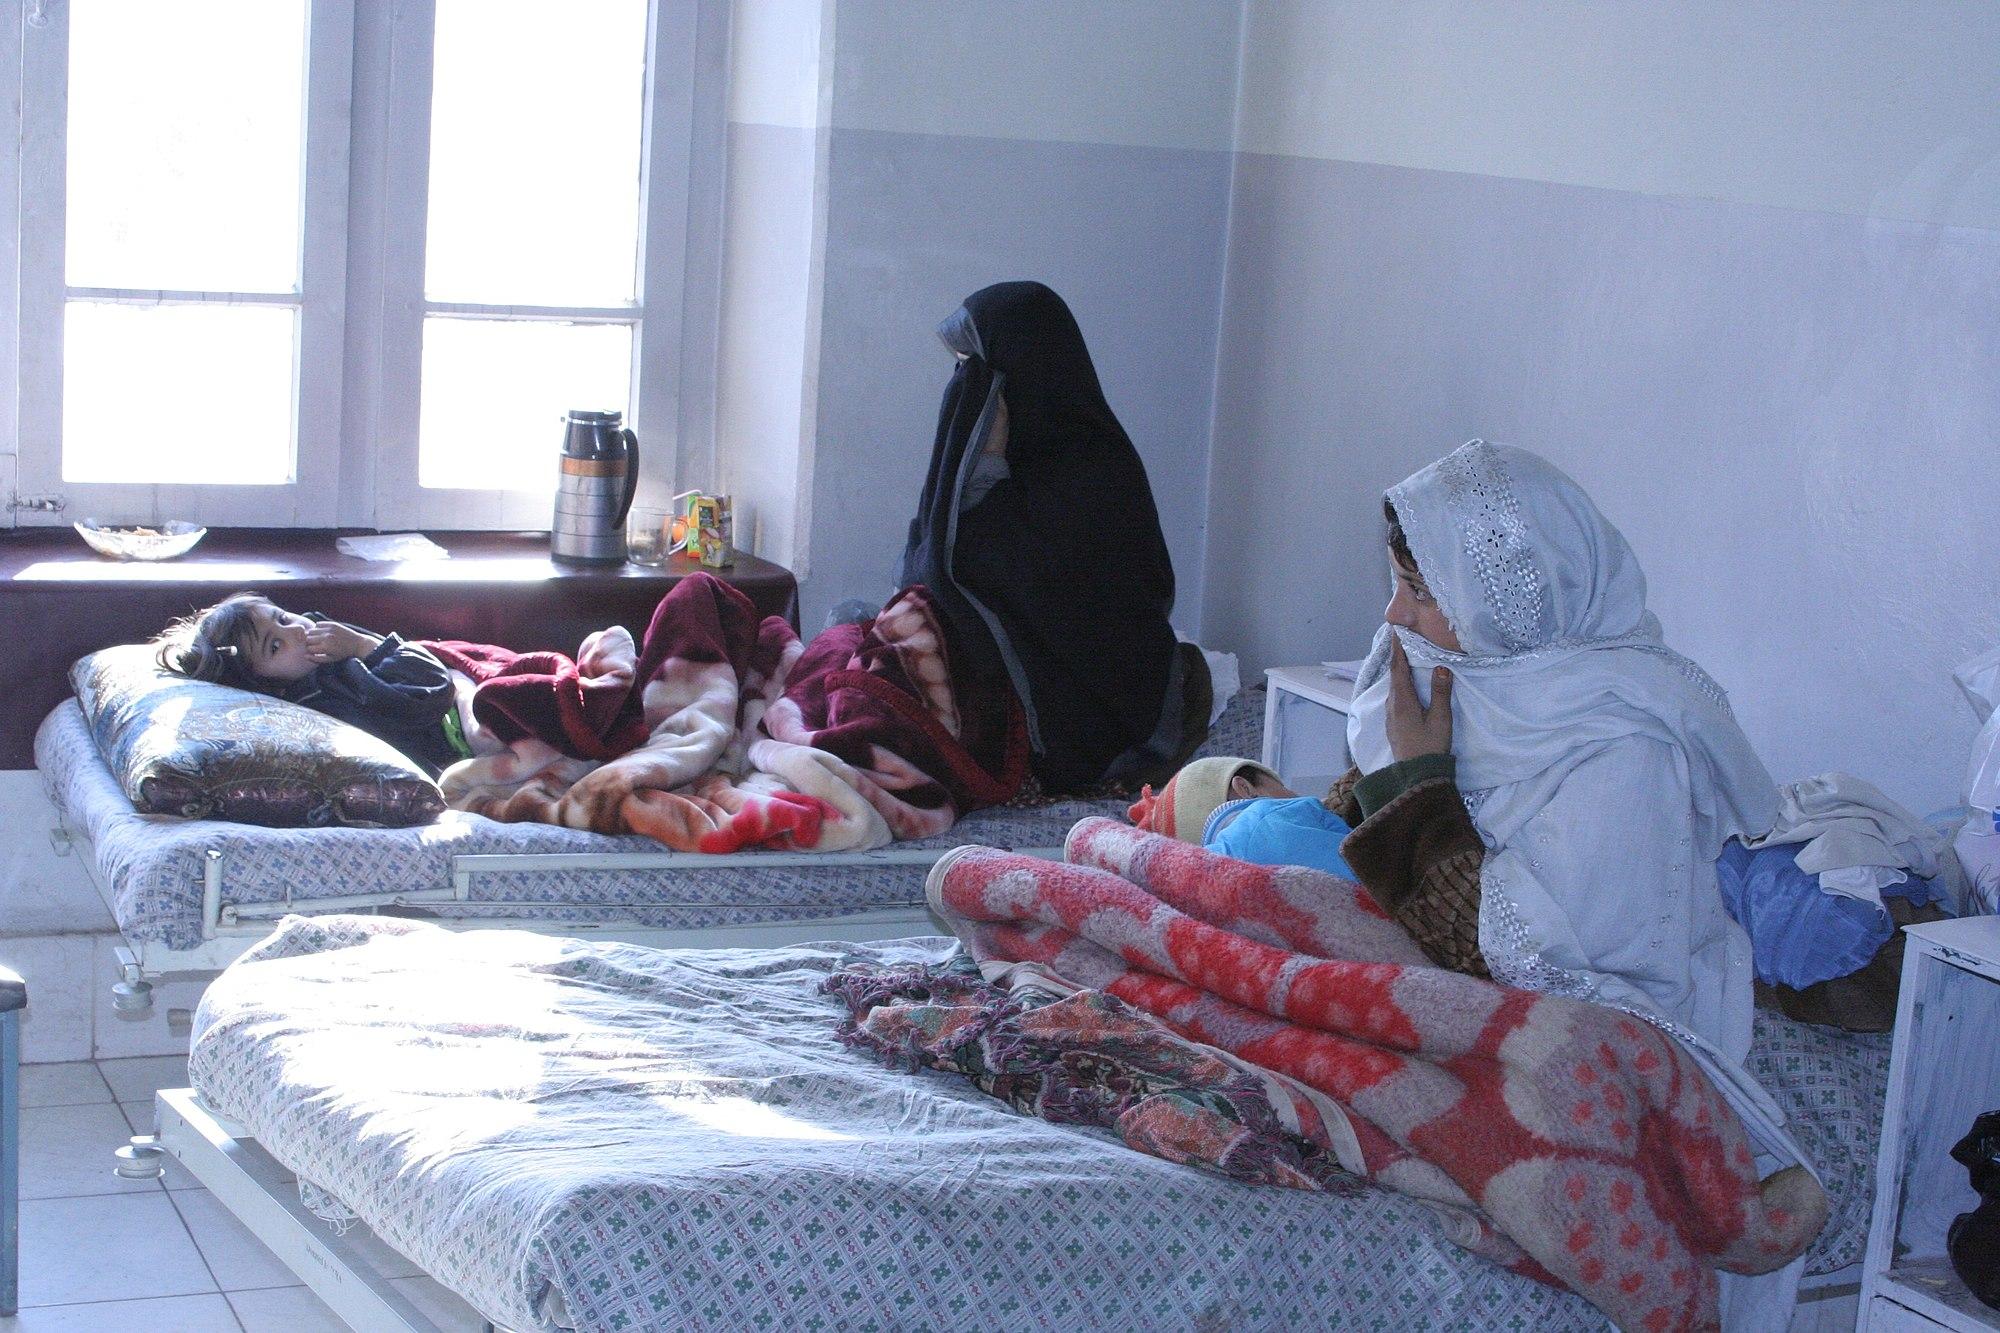 صحت درمان و آموزش پزشکی در افغانستان